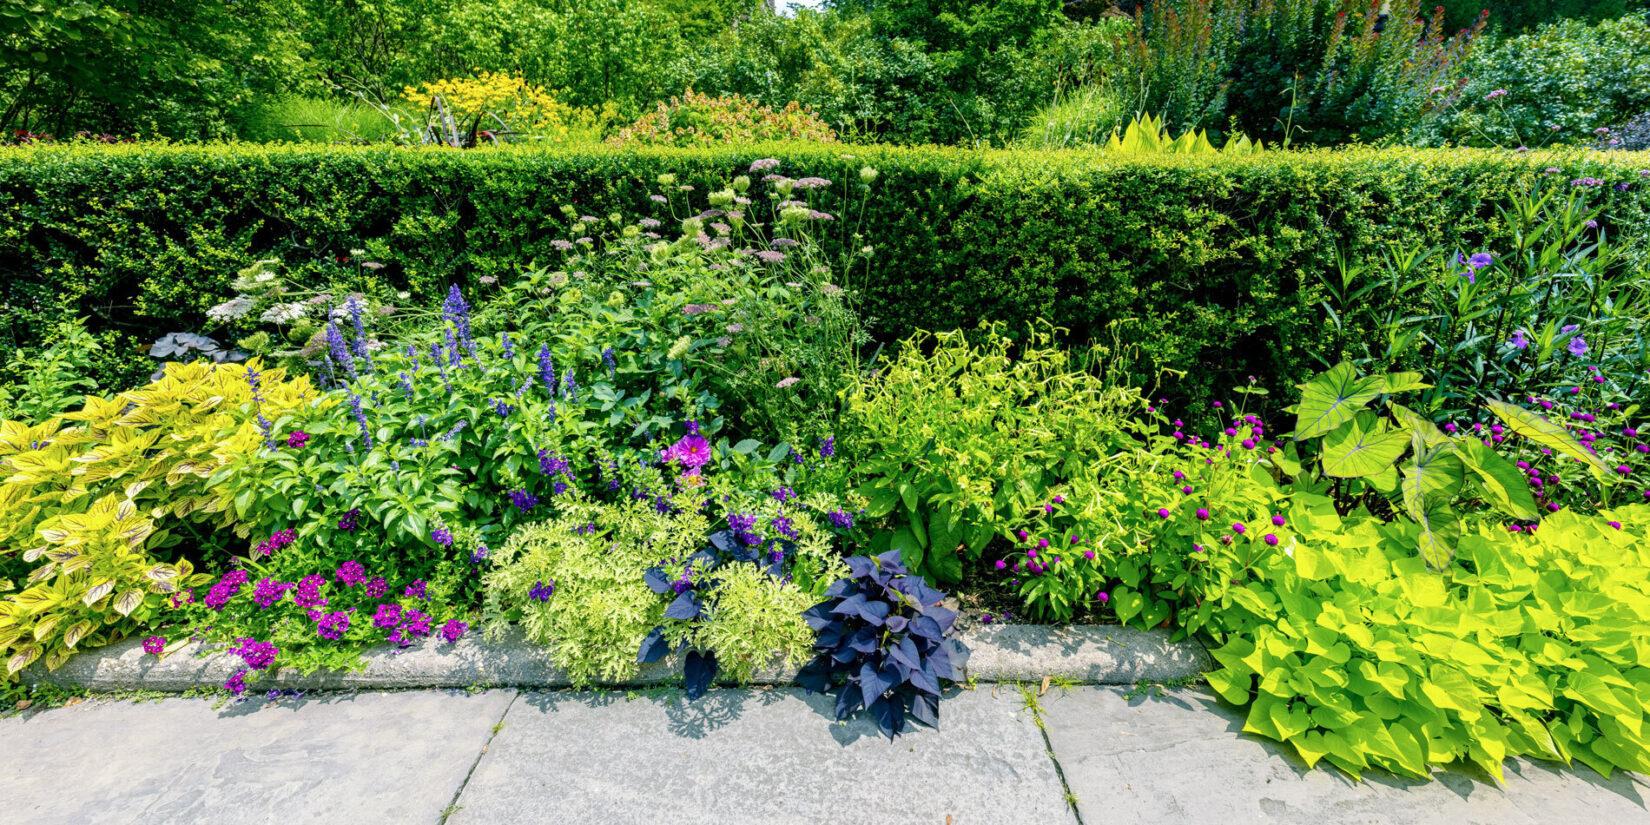 Conservatory Garden 20210728 02